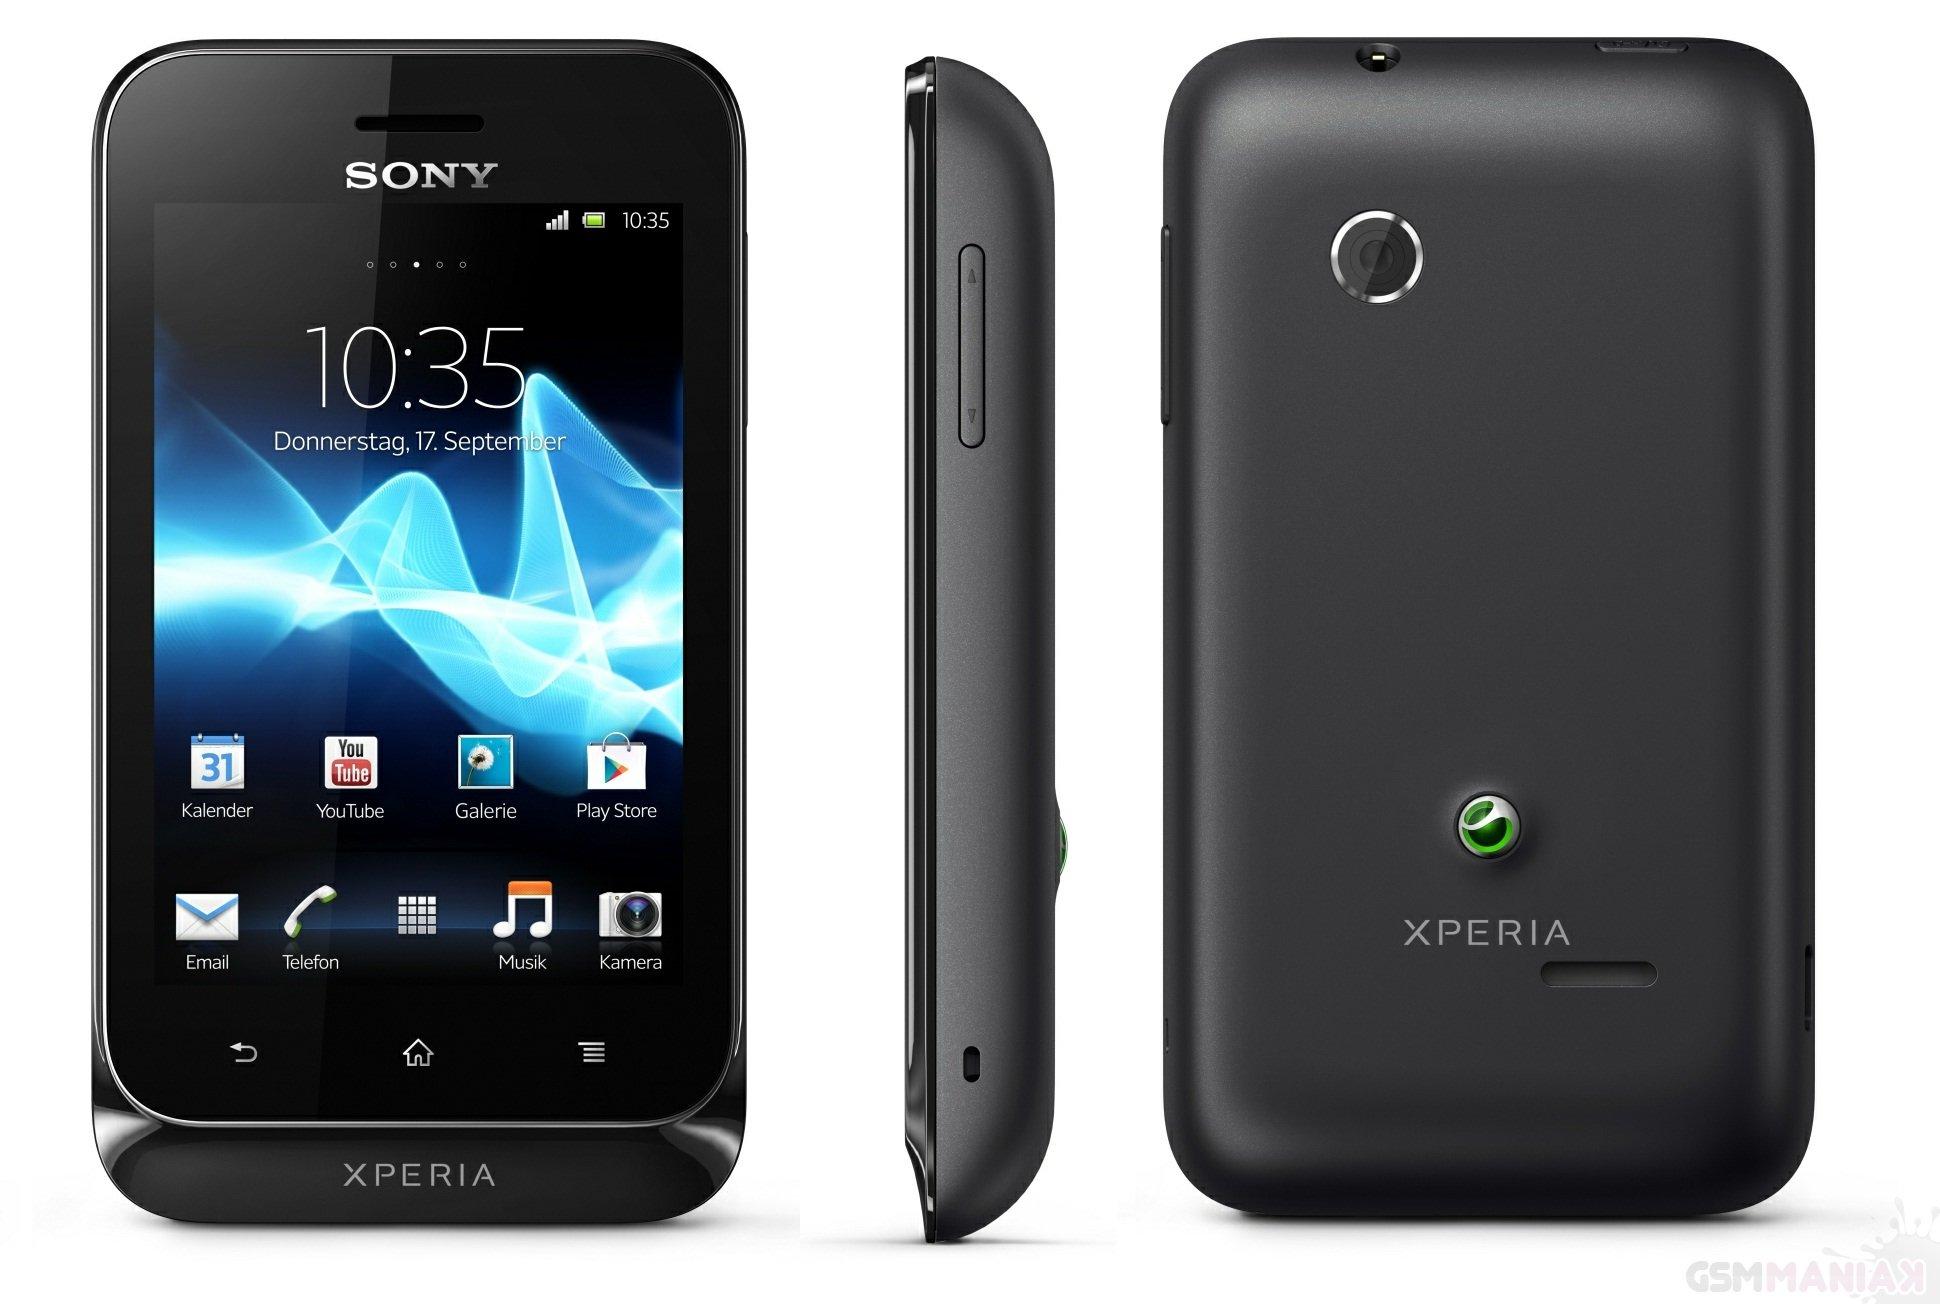 Sony Xperia Tipo oraz inne nowości w ofercie Play